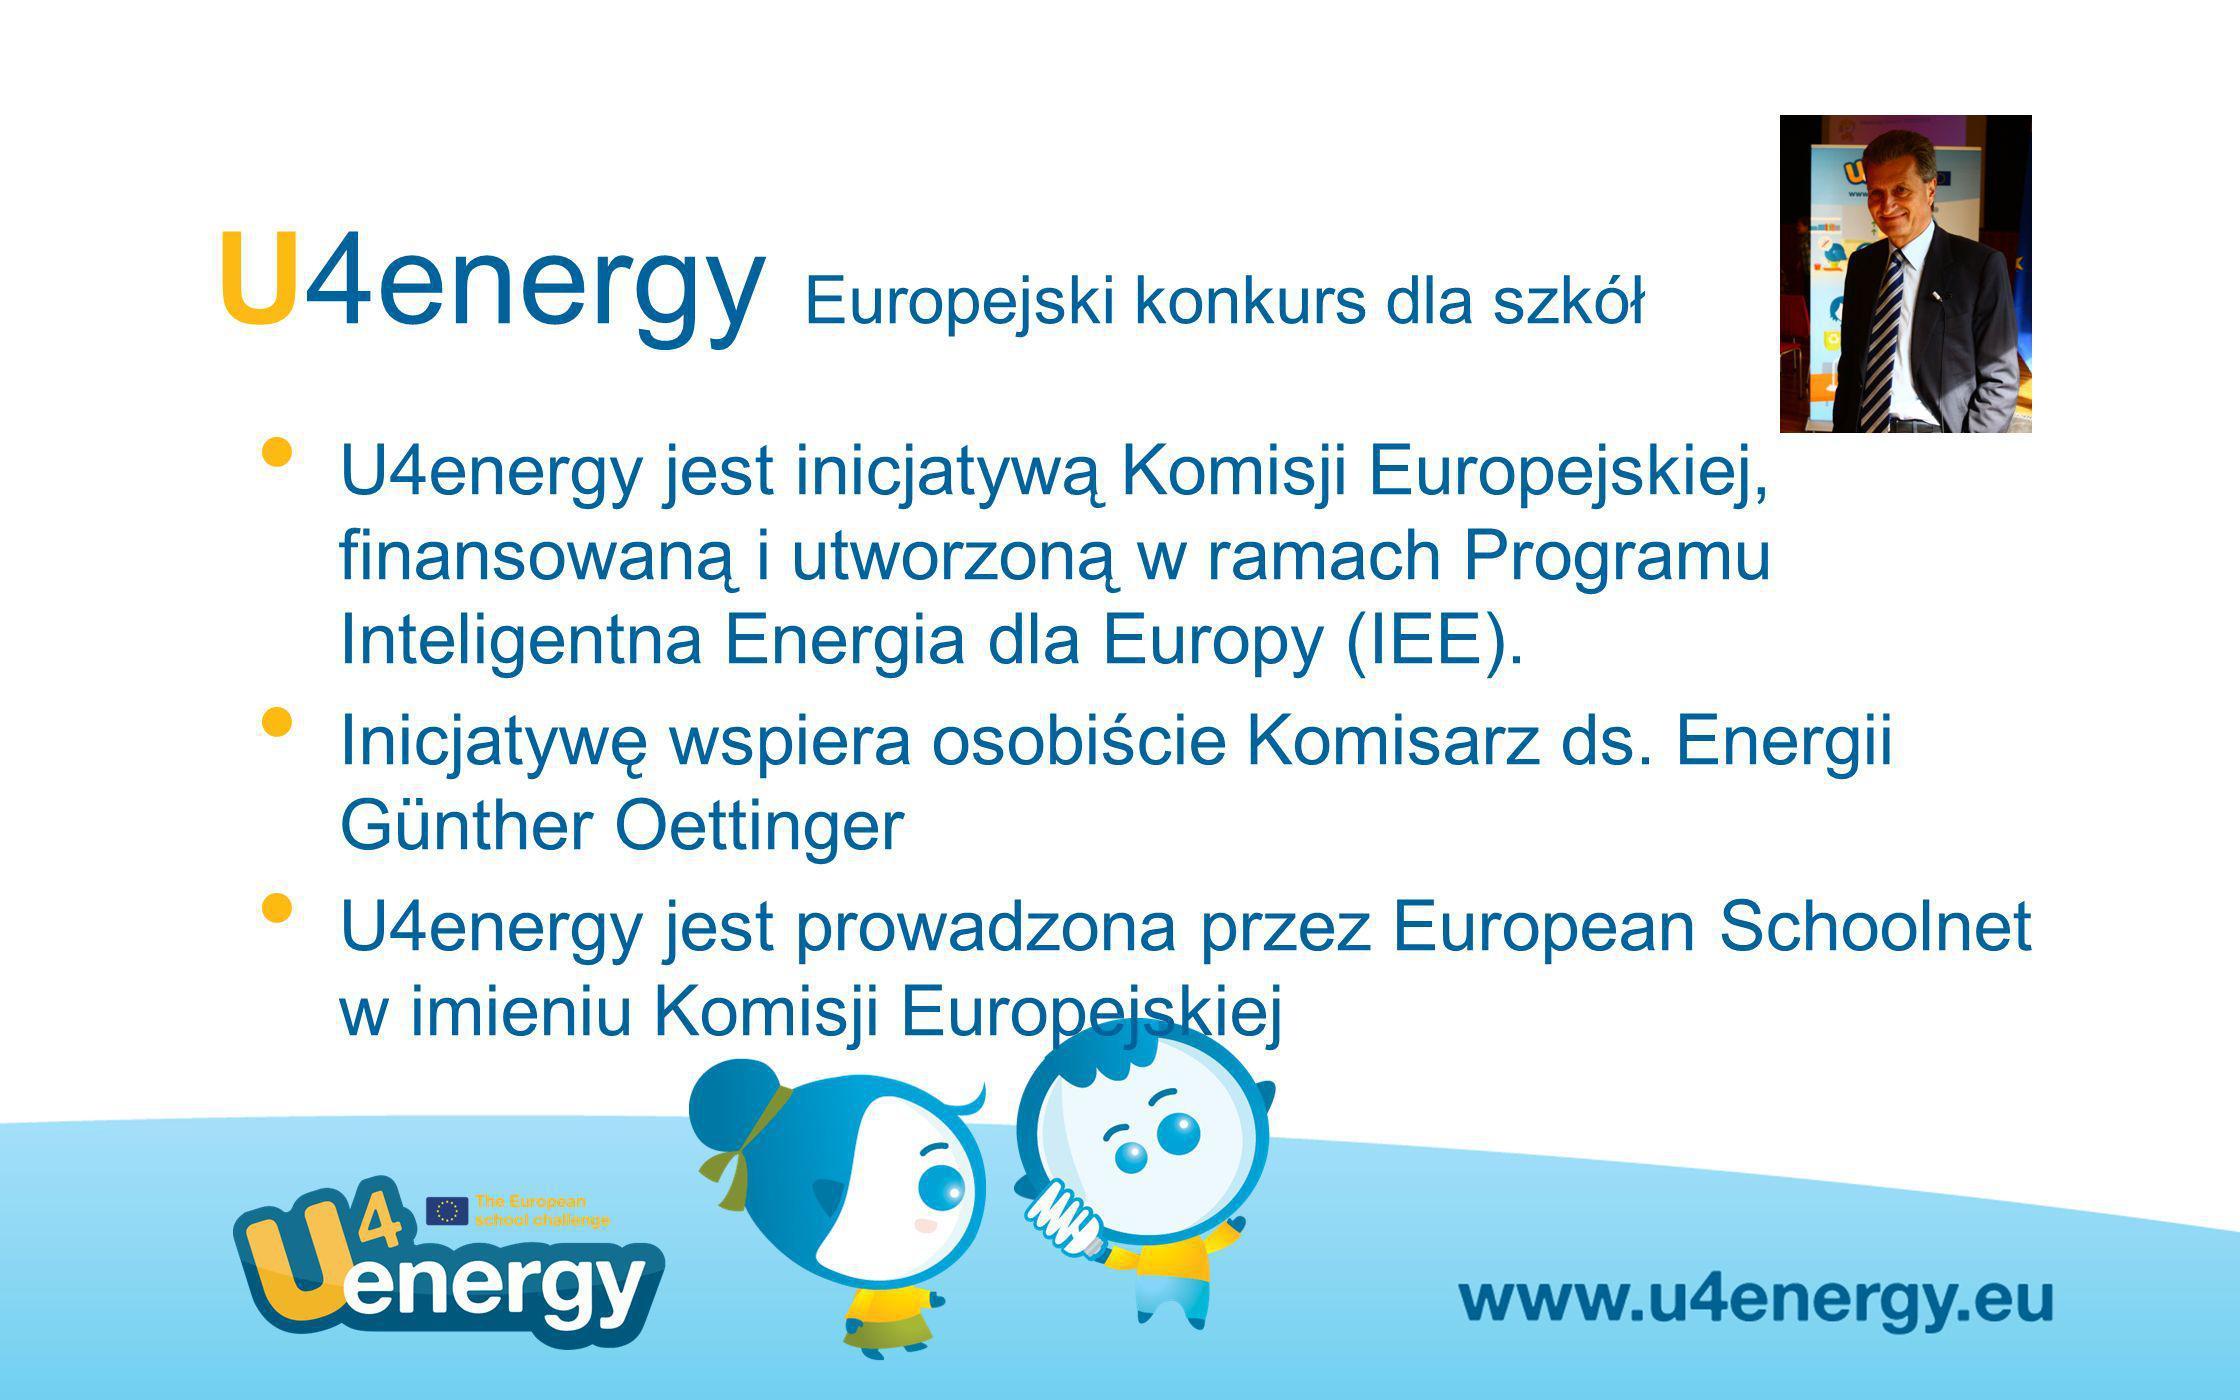 aunched in September 2010, aunched in September 2010, U4energy Europejski konkurs dla szkół Laureaci 1.Edycji konkursu U4Energy na regionalnej ceremonii rozdania nagród w Wilnie